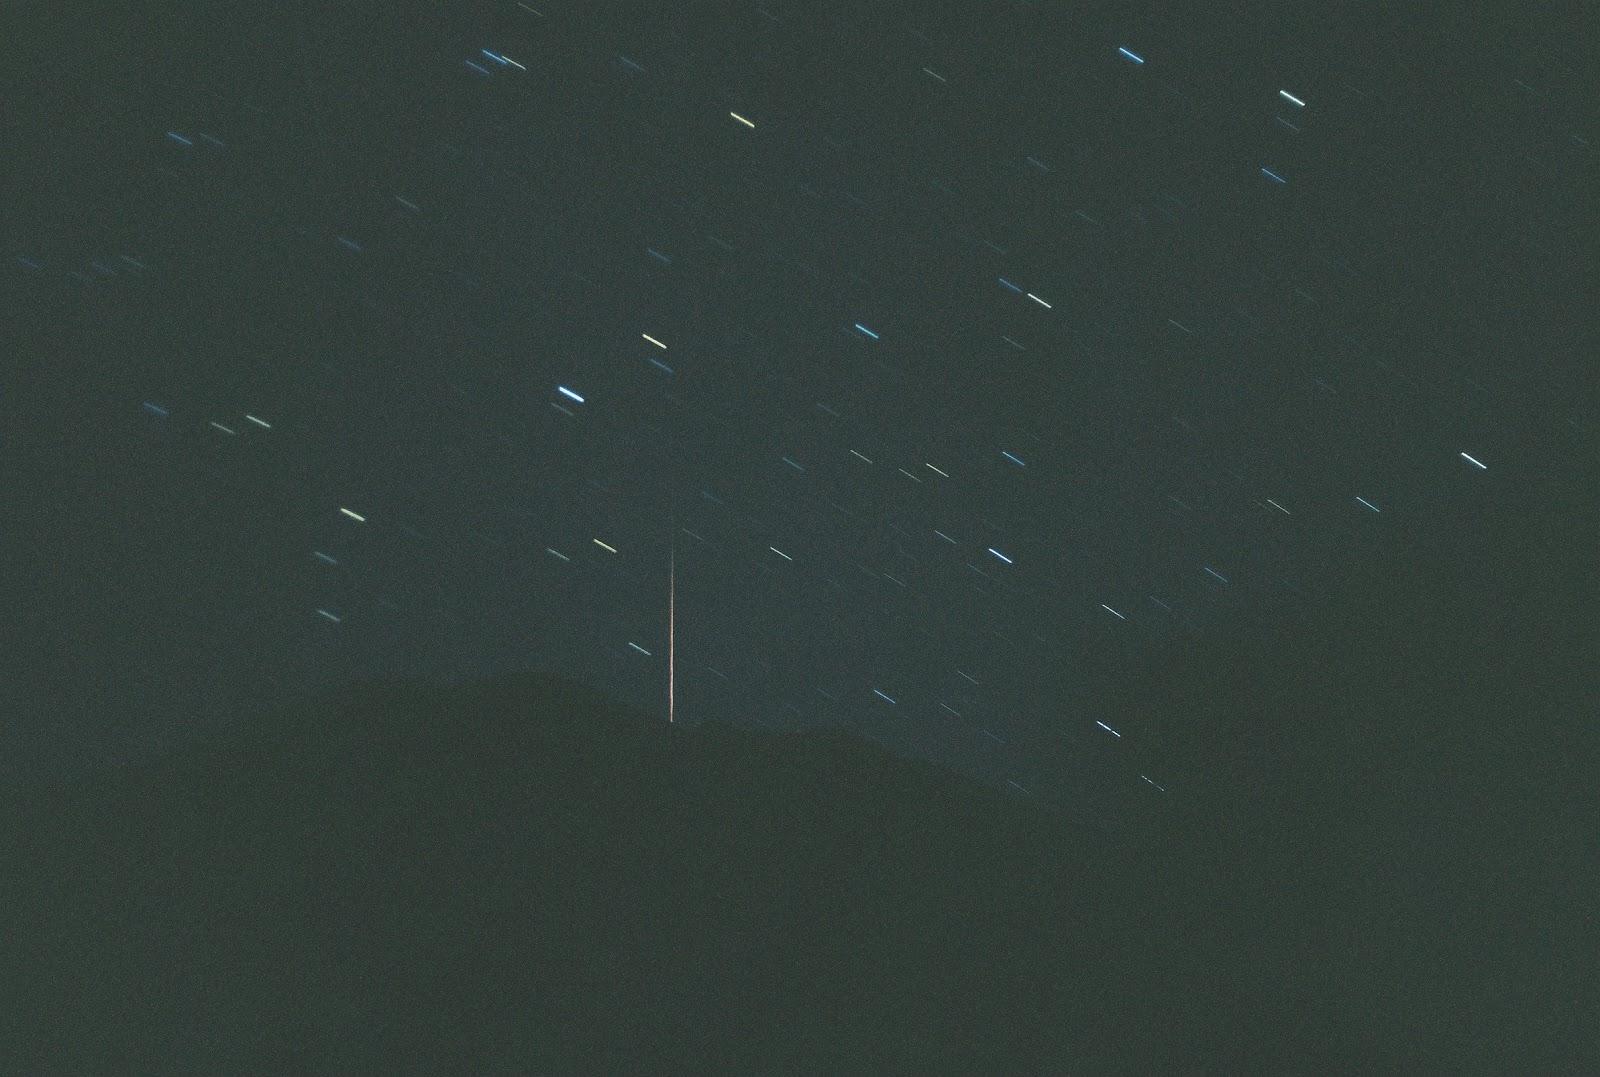 観音岳 流れ星